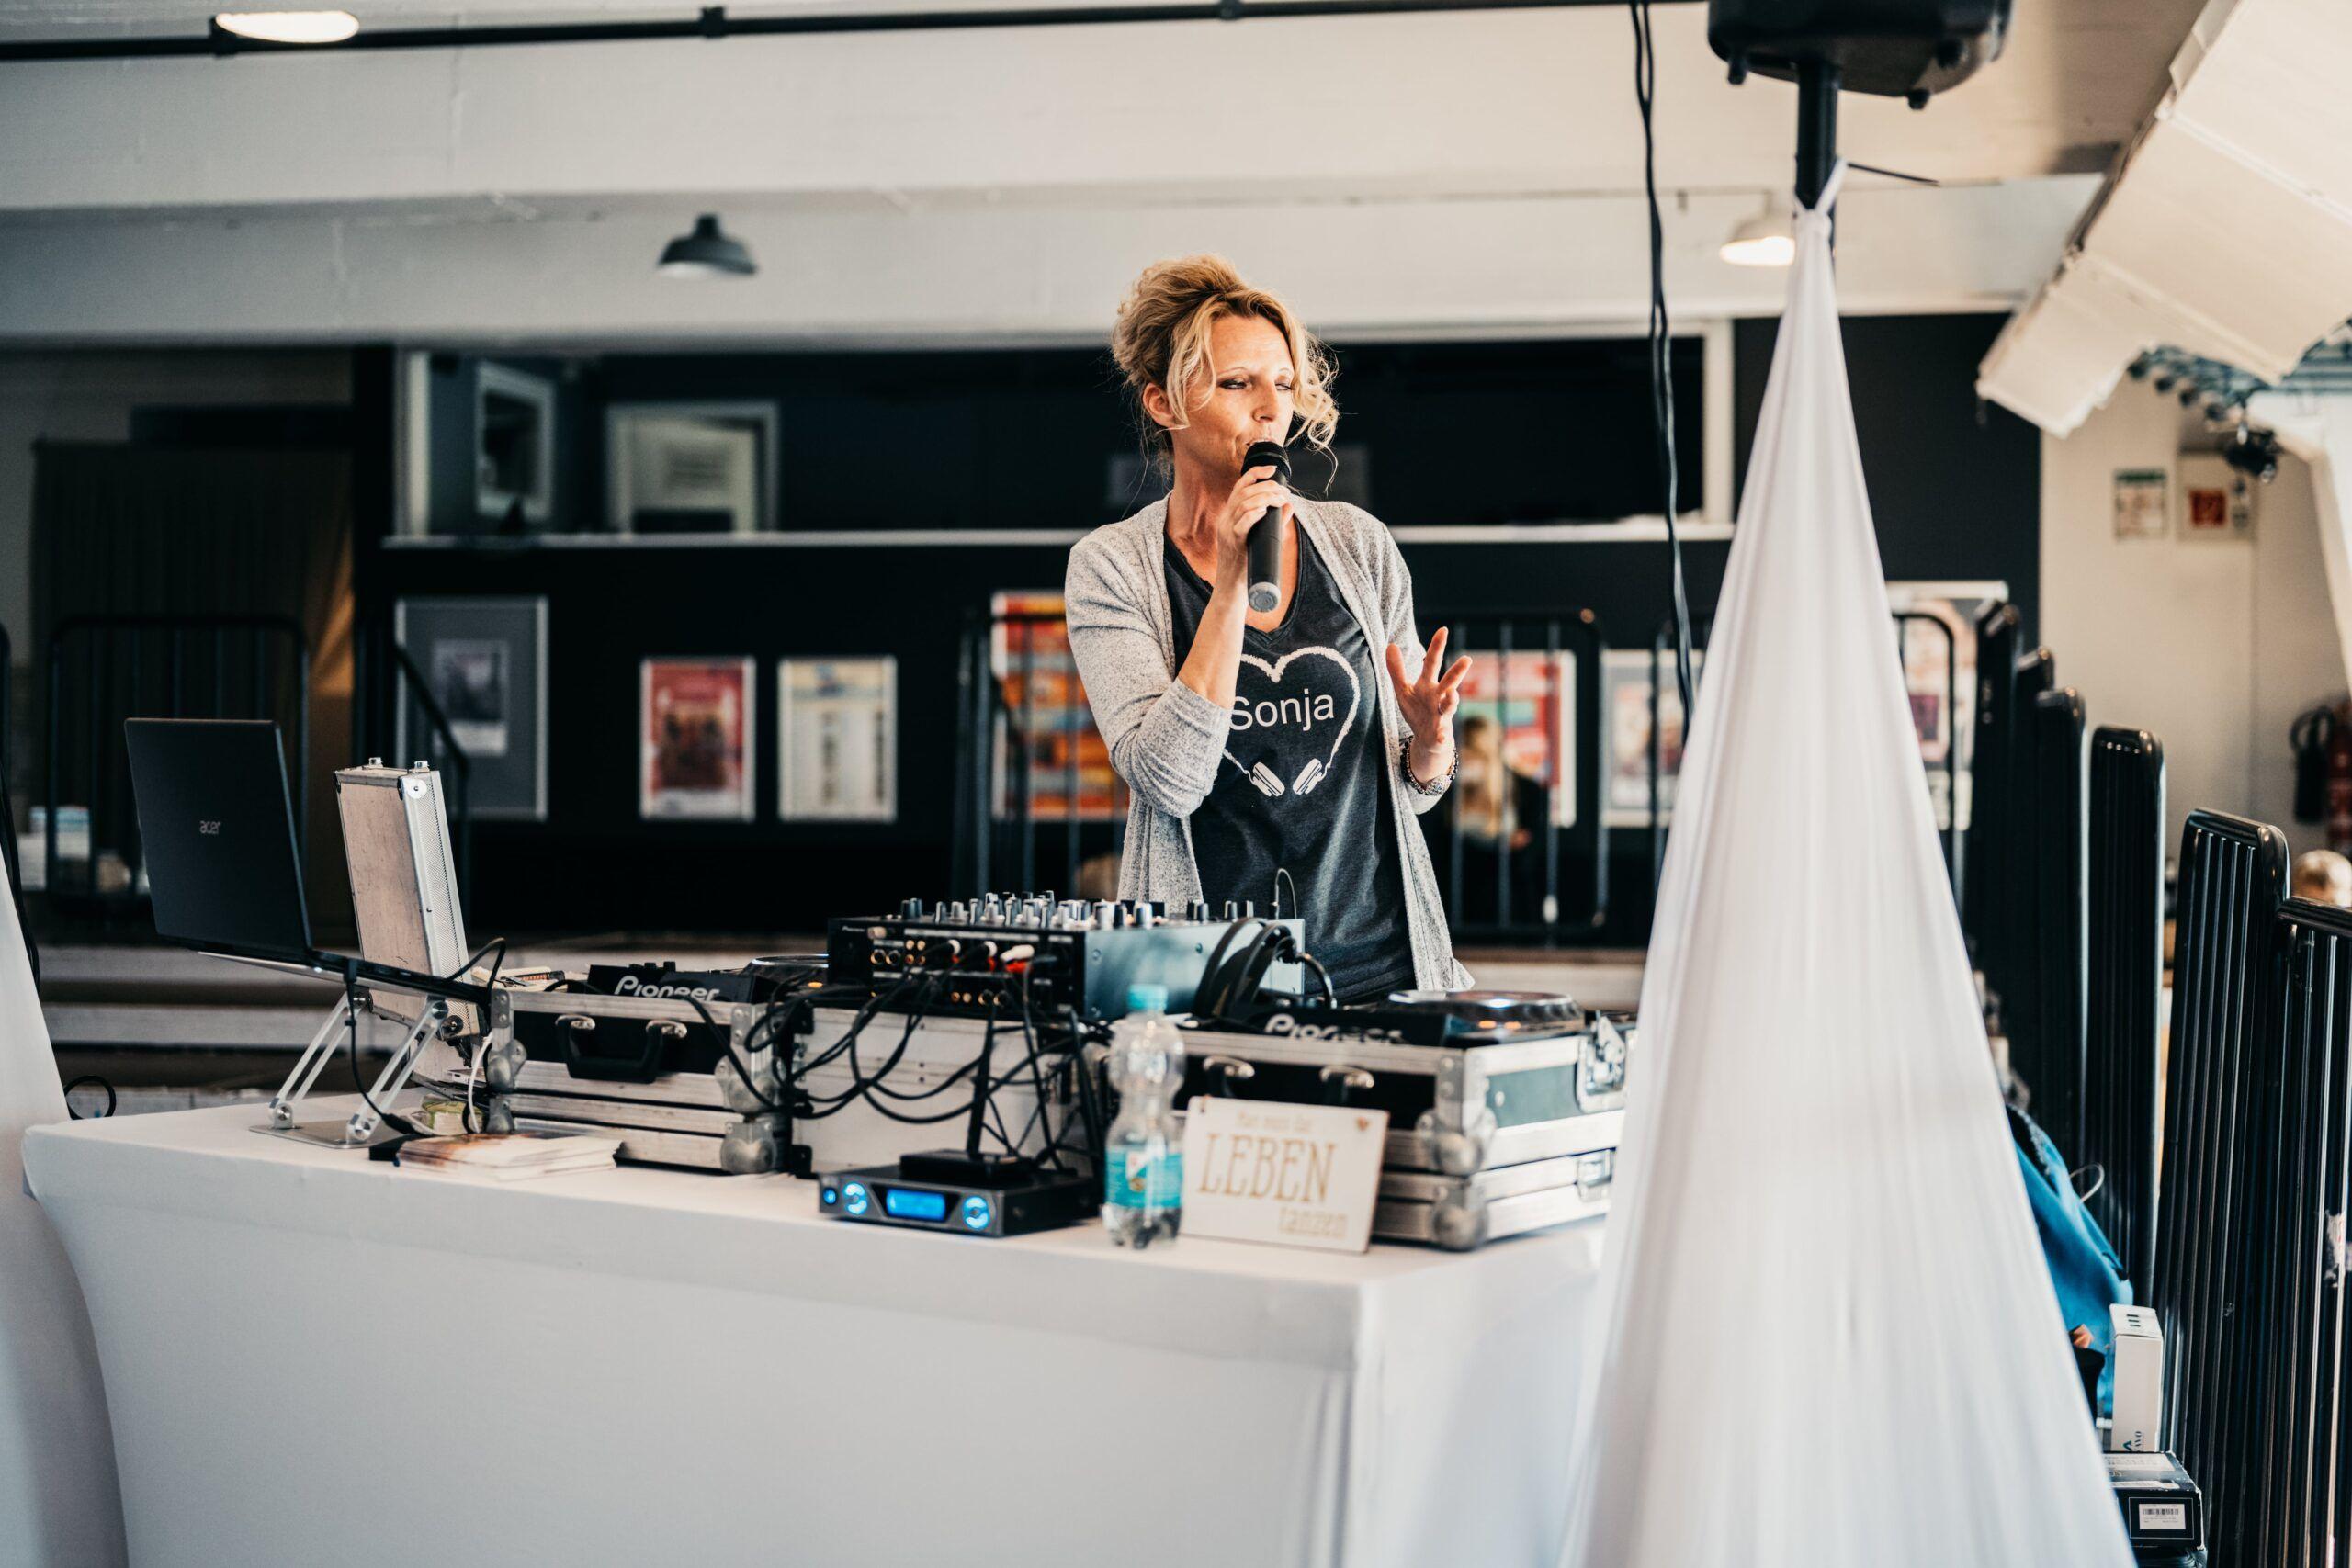 Sonja Storz beim Benefizshooting in der Tufa Trier